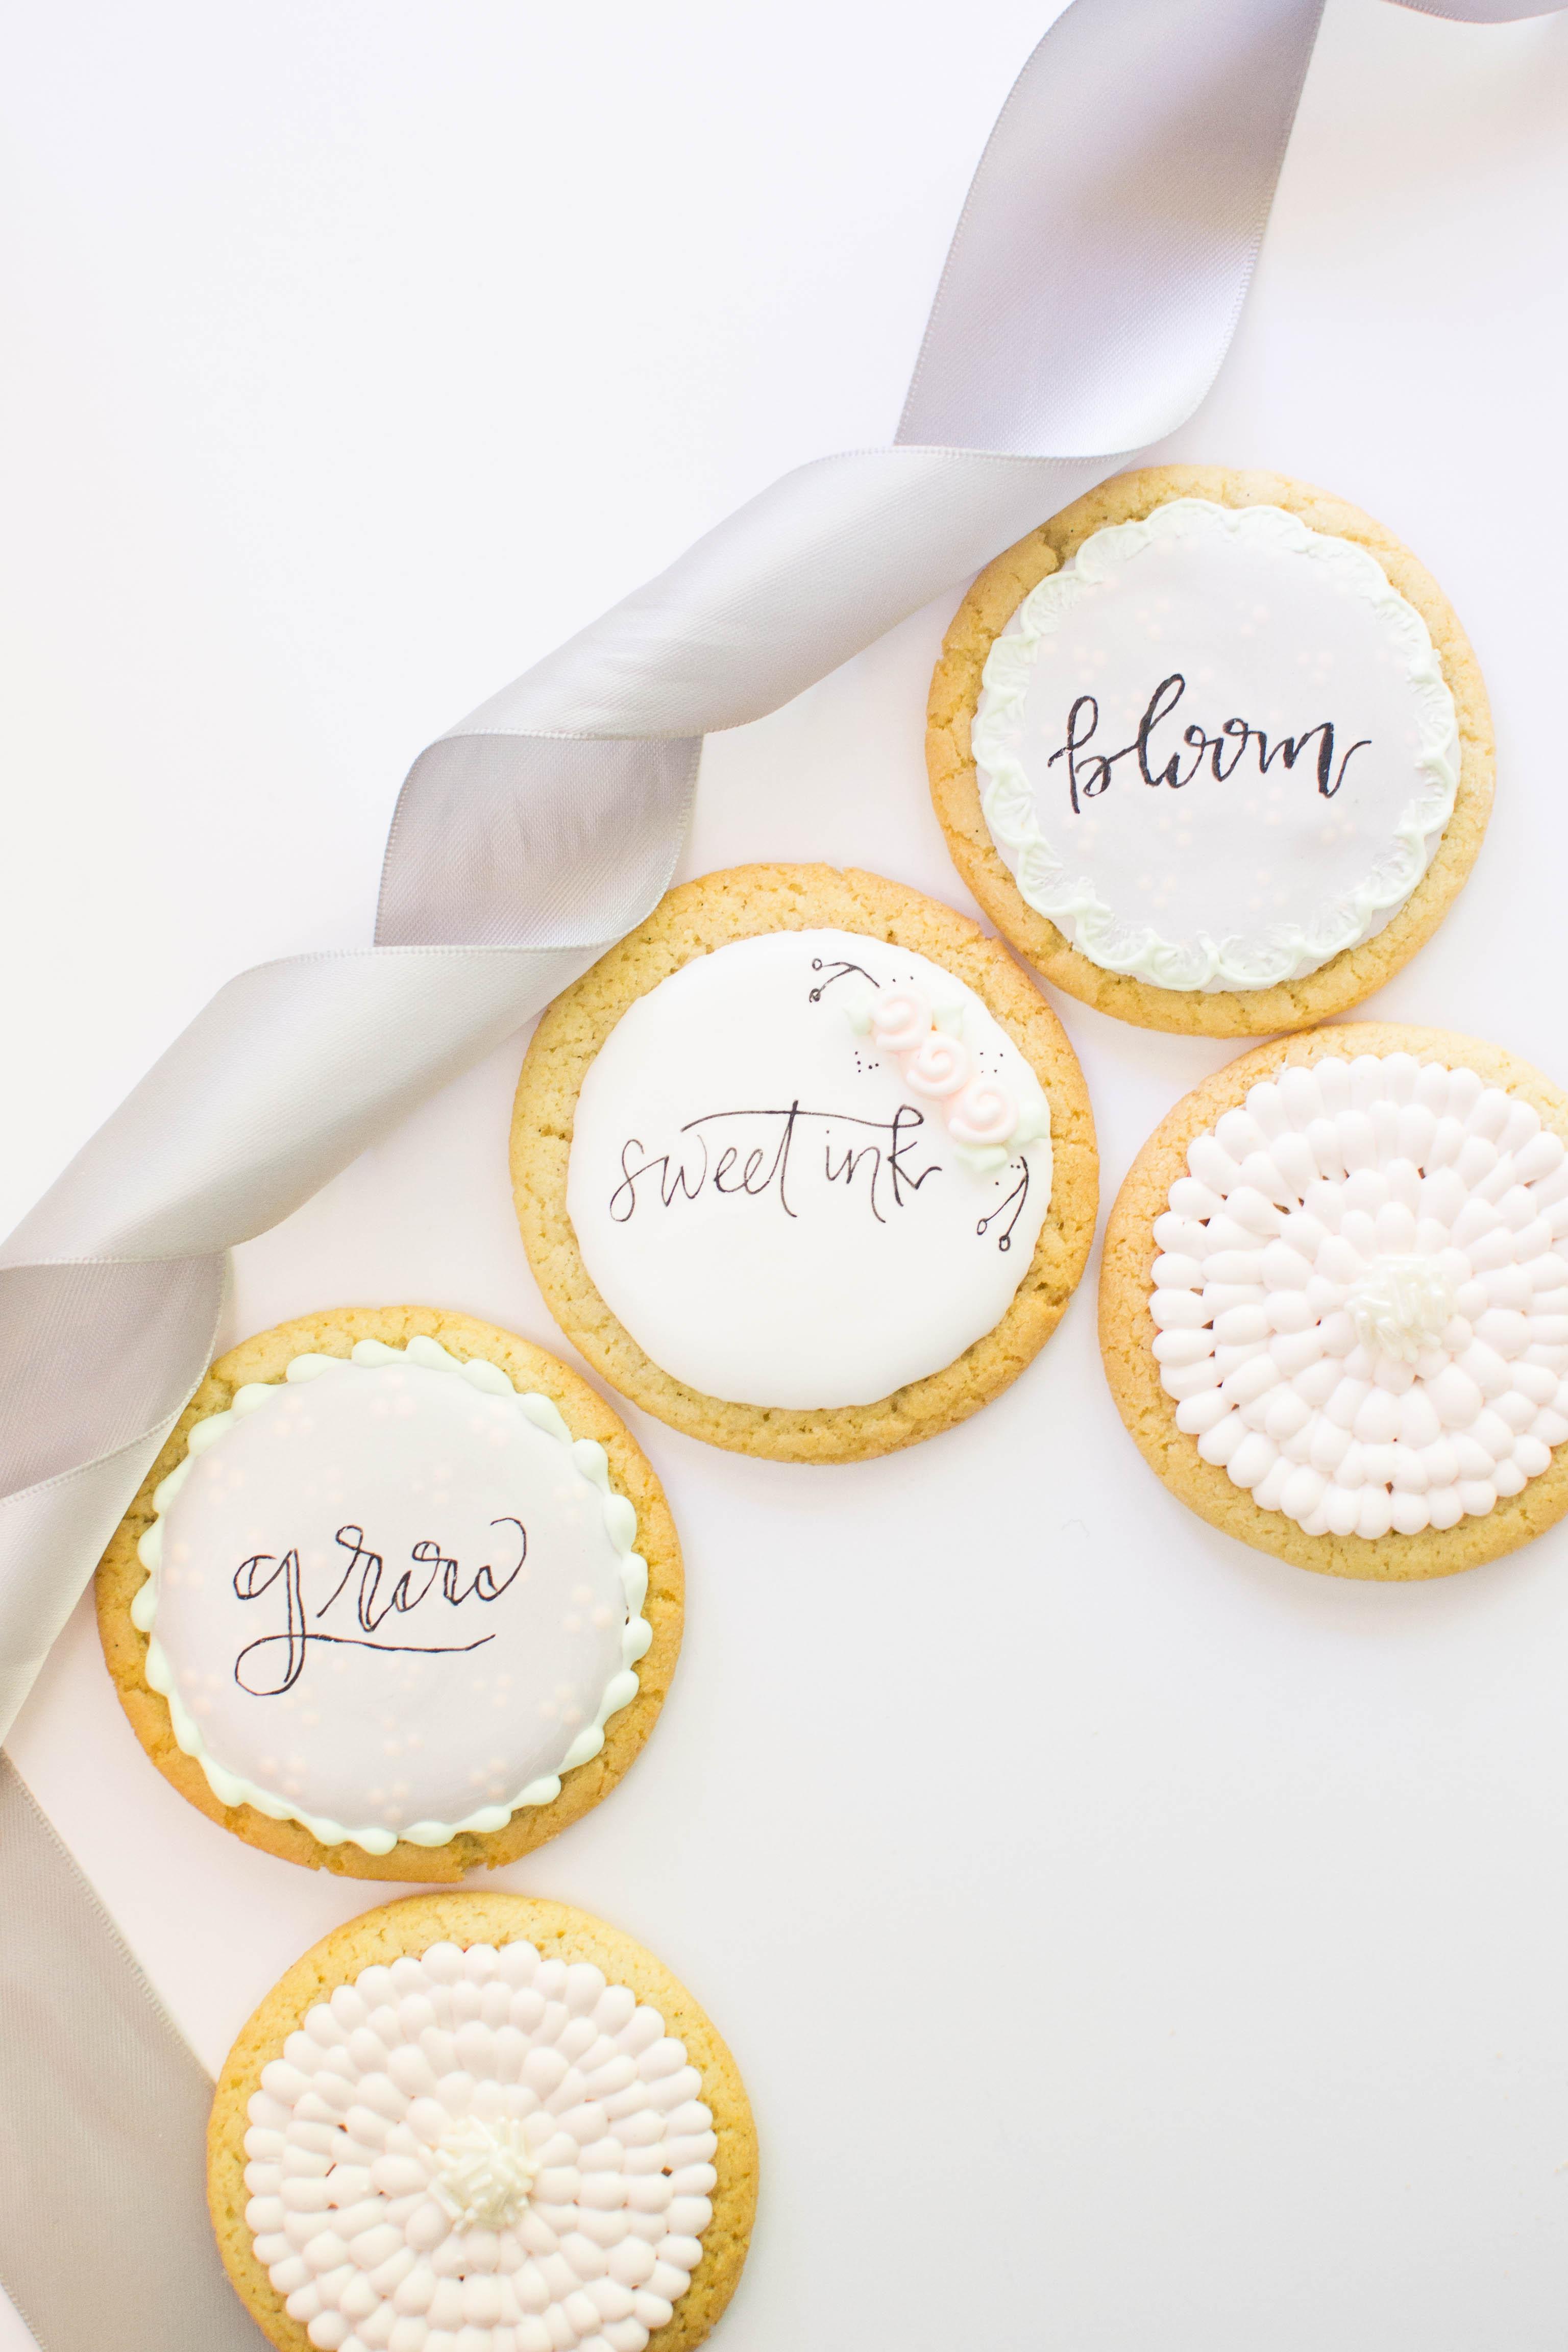 Sweet Ink Cookies